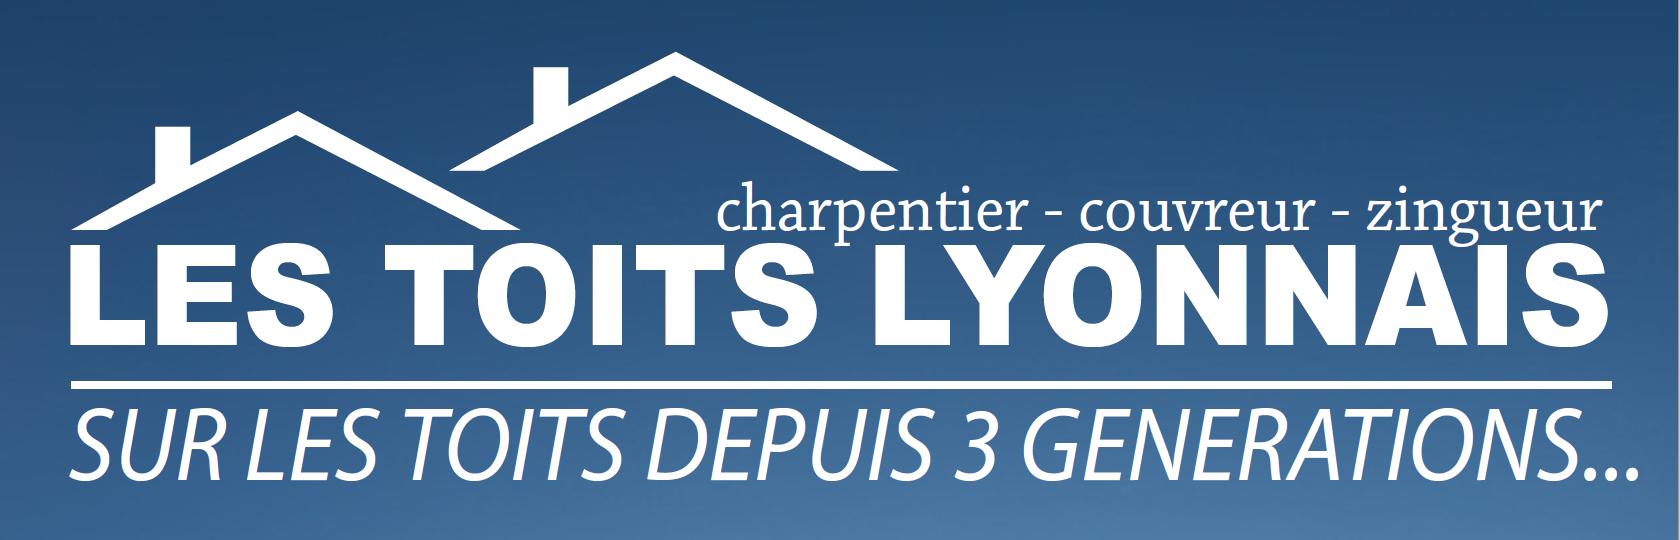 Logo de LES TOITS LYONNAIS, société de travaux en Etanchéité - Isolation des toitures